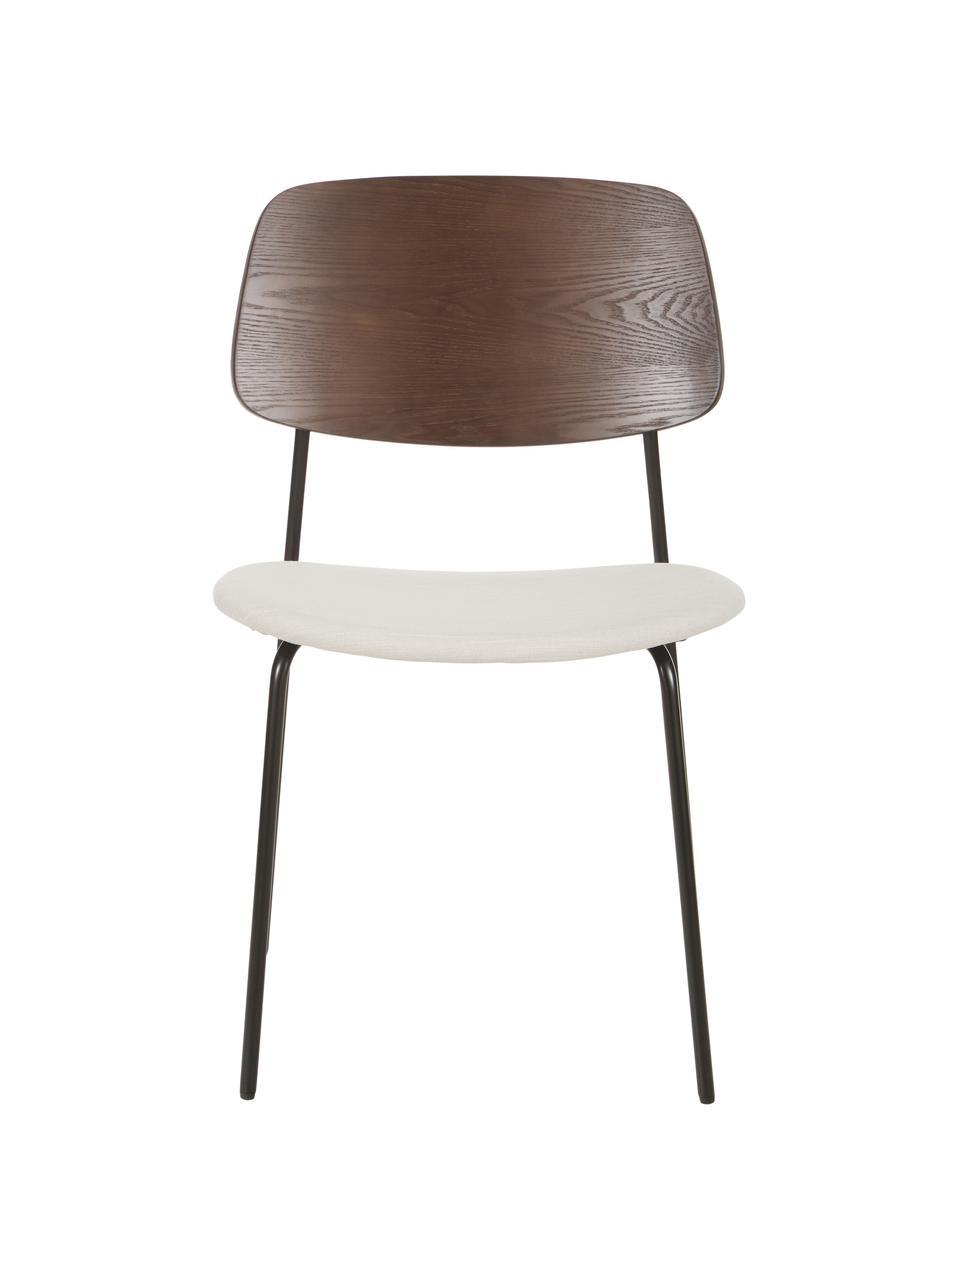 Houten stoelen Nadja met gestoffeerde zitvlak, 2 stuks, Bekleding: polyester, Poten: gepoedercoat metaal, Crèmewit, 51 x 52 cm